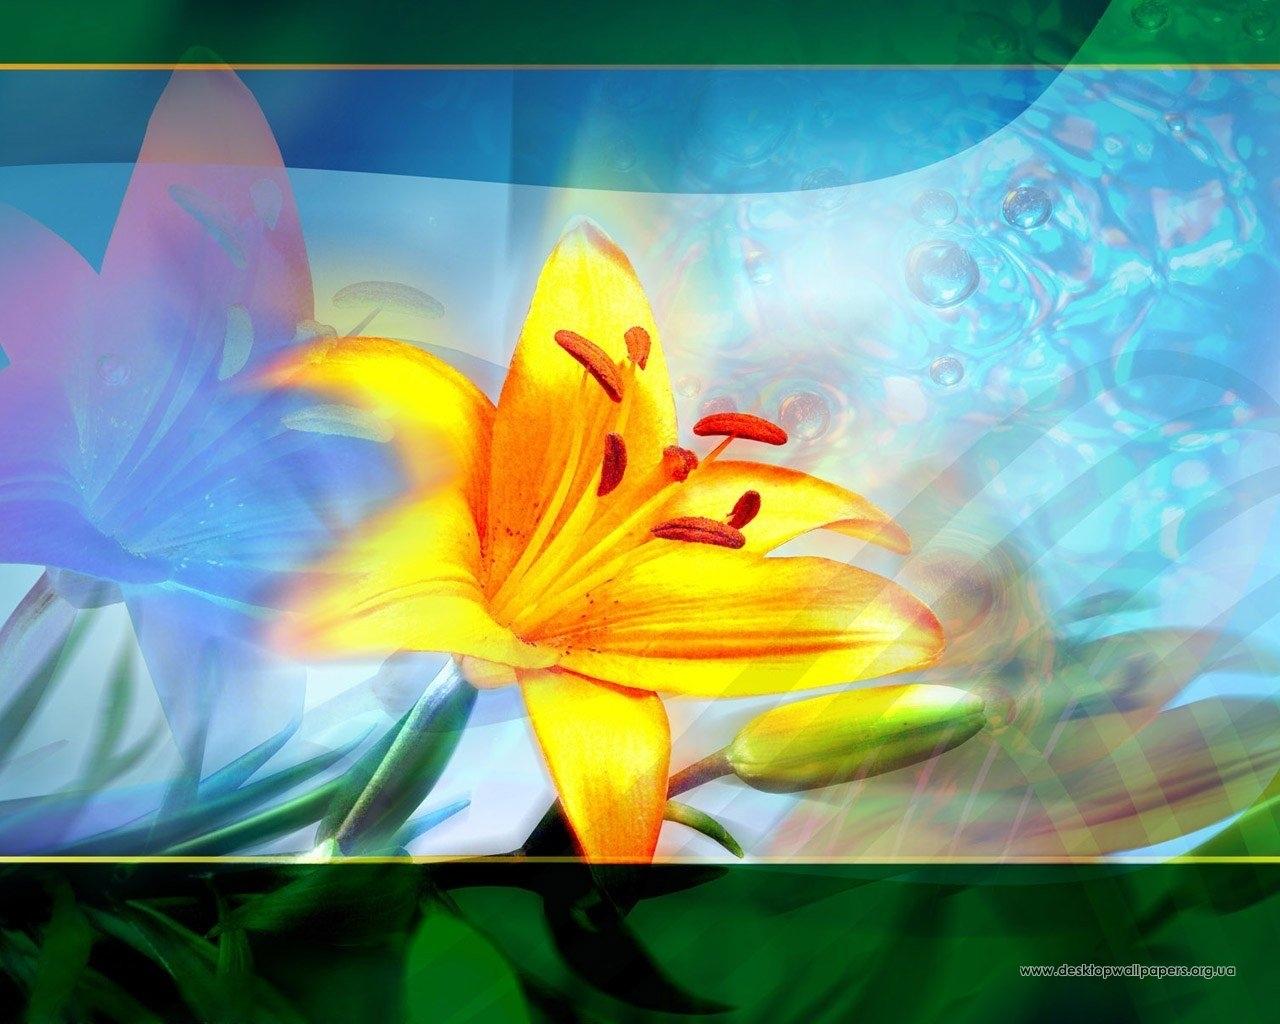 Téléchargez des papiers peints mobile Lilies, Plantes, Fleurs gratuitement.